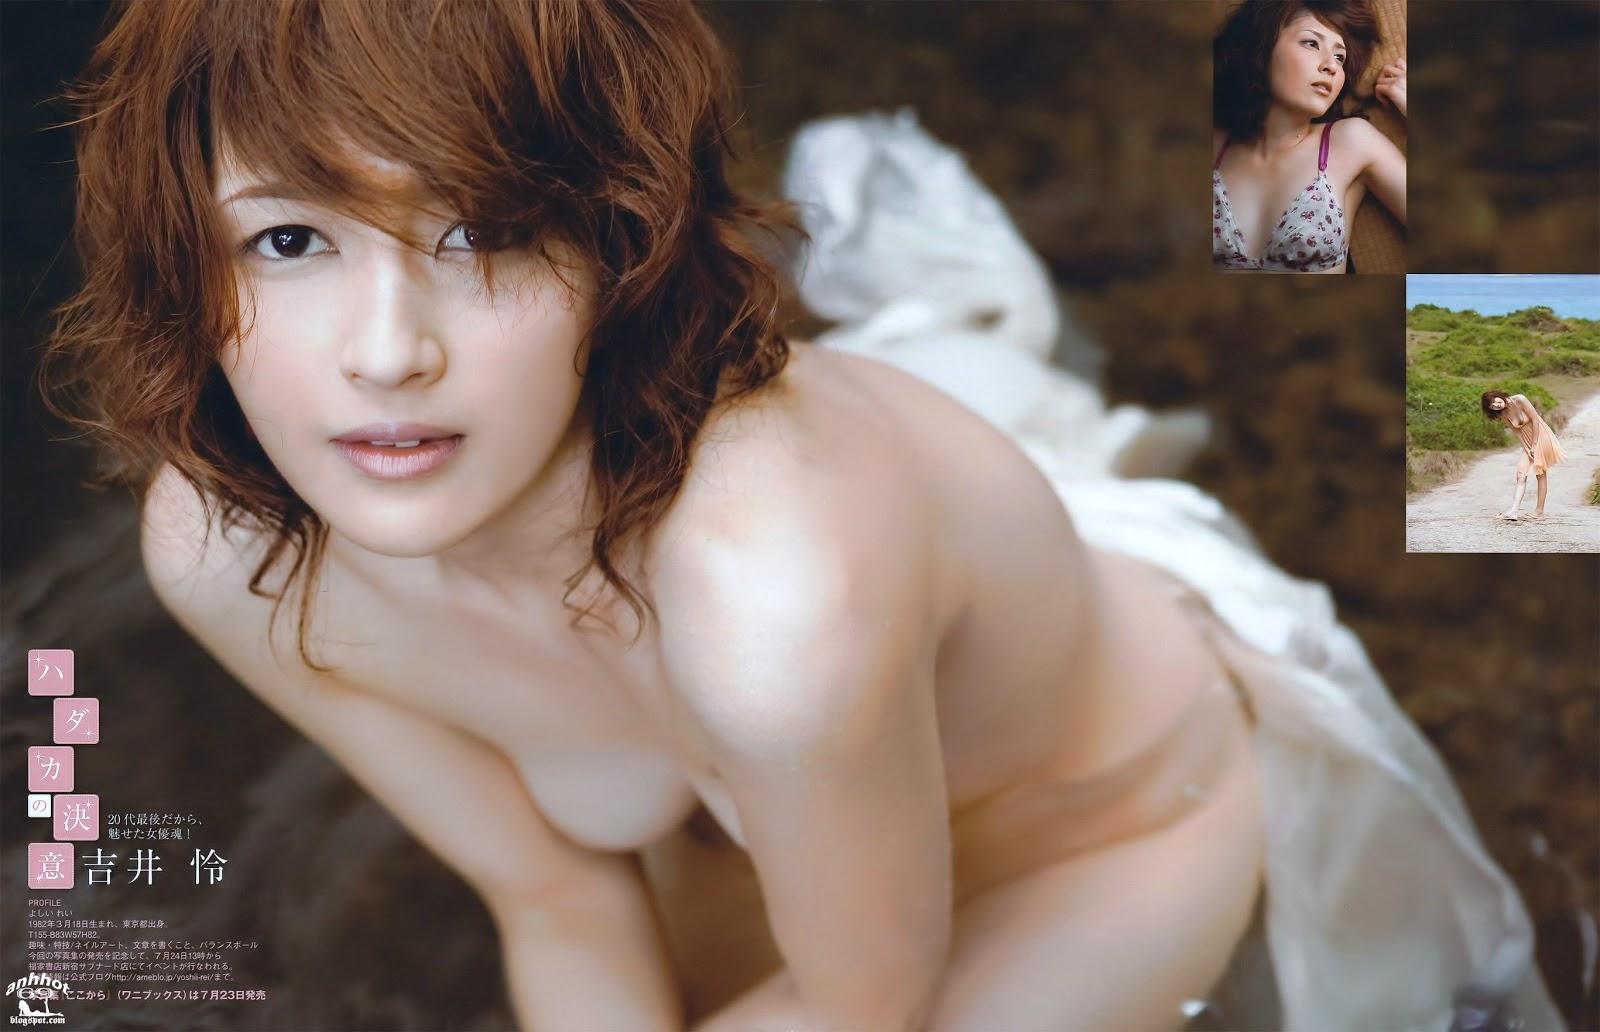 rei-yoshii-01290674